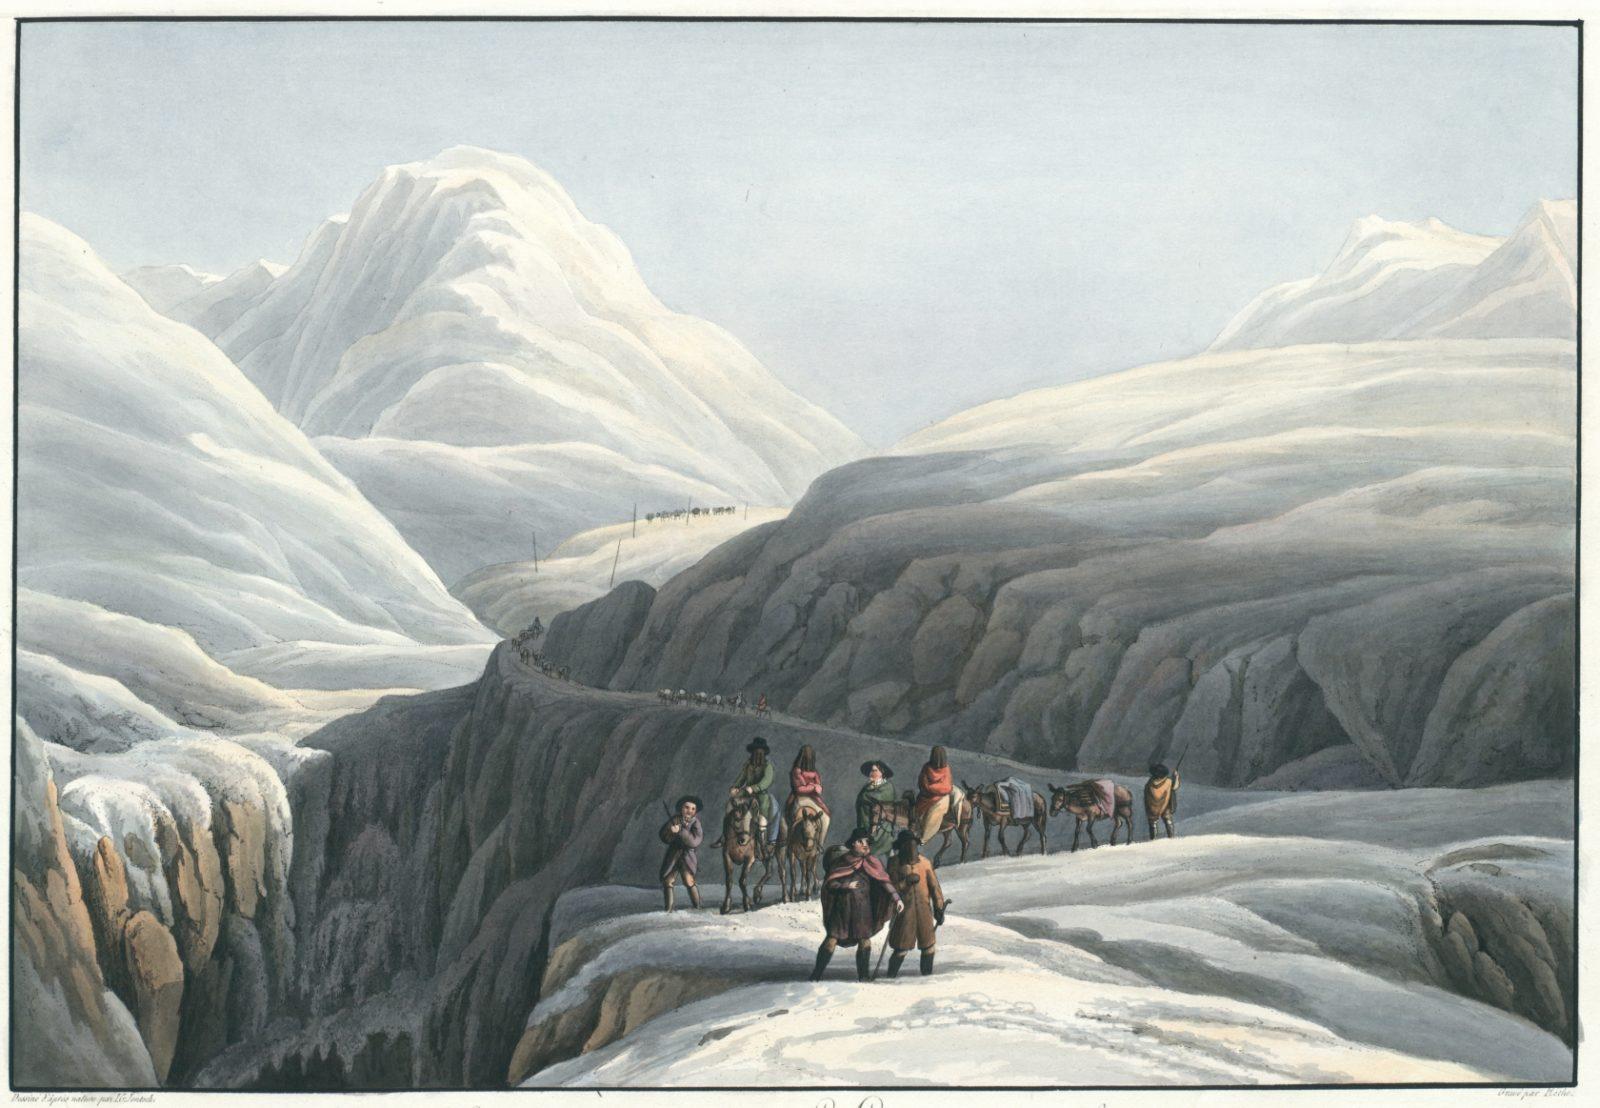 Grande roûte au mont St. Gotthardt, en Suisse non loin de l'Hospice